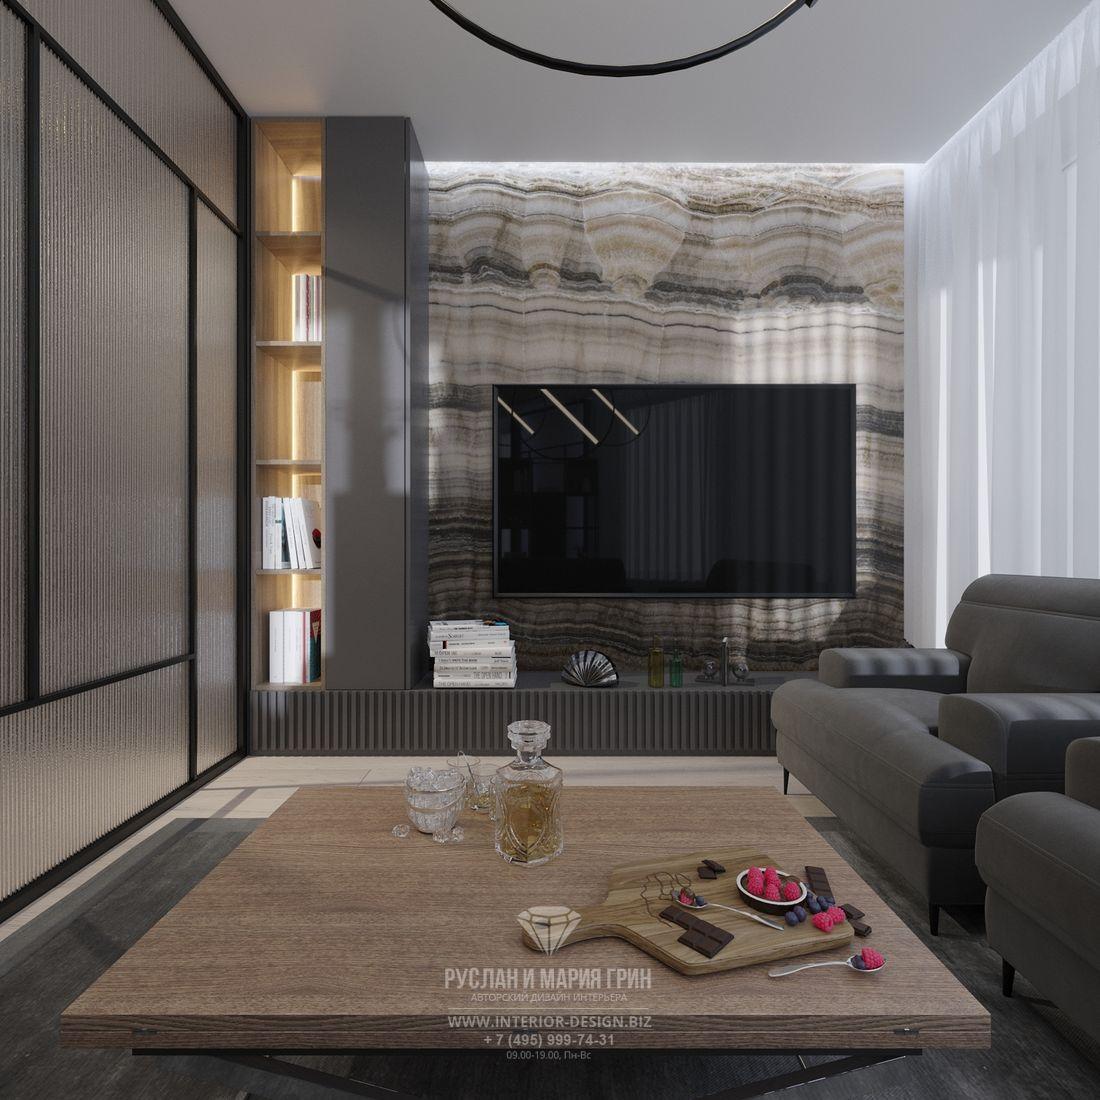 ТВ-зона в интерьере современной гостиной